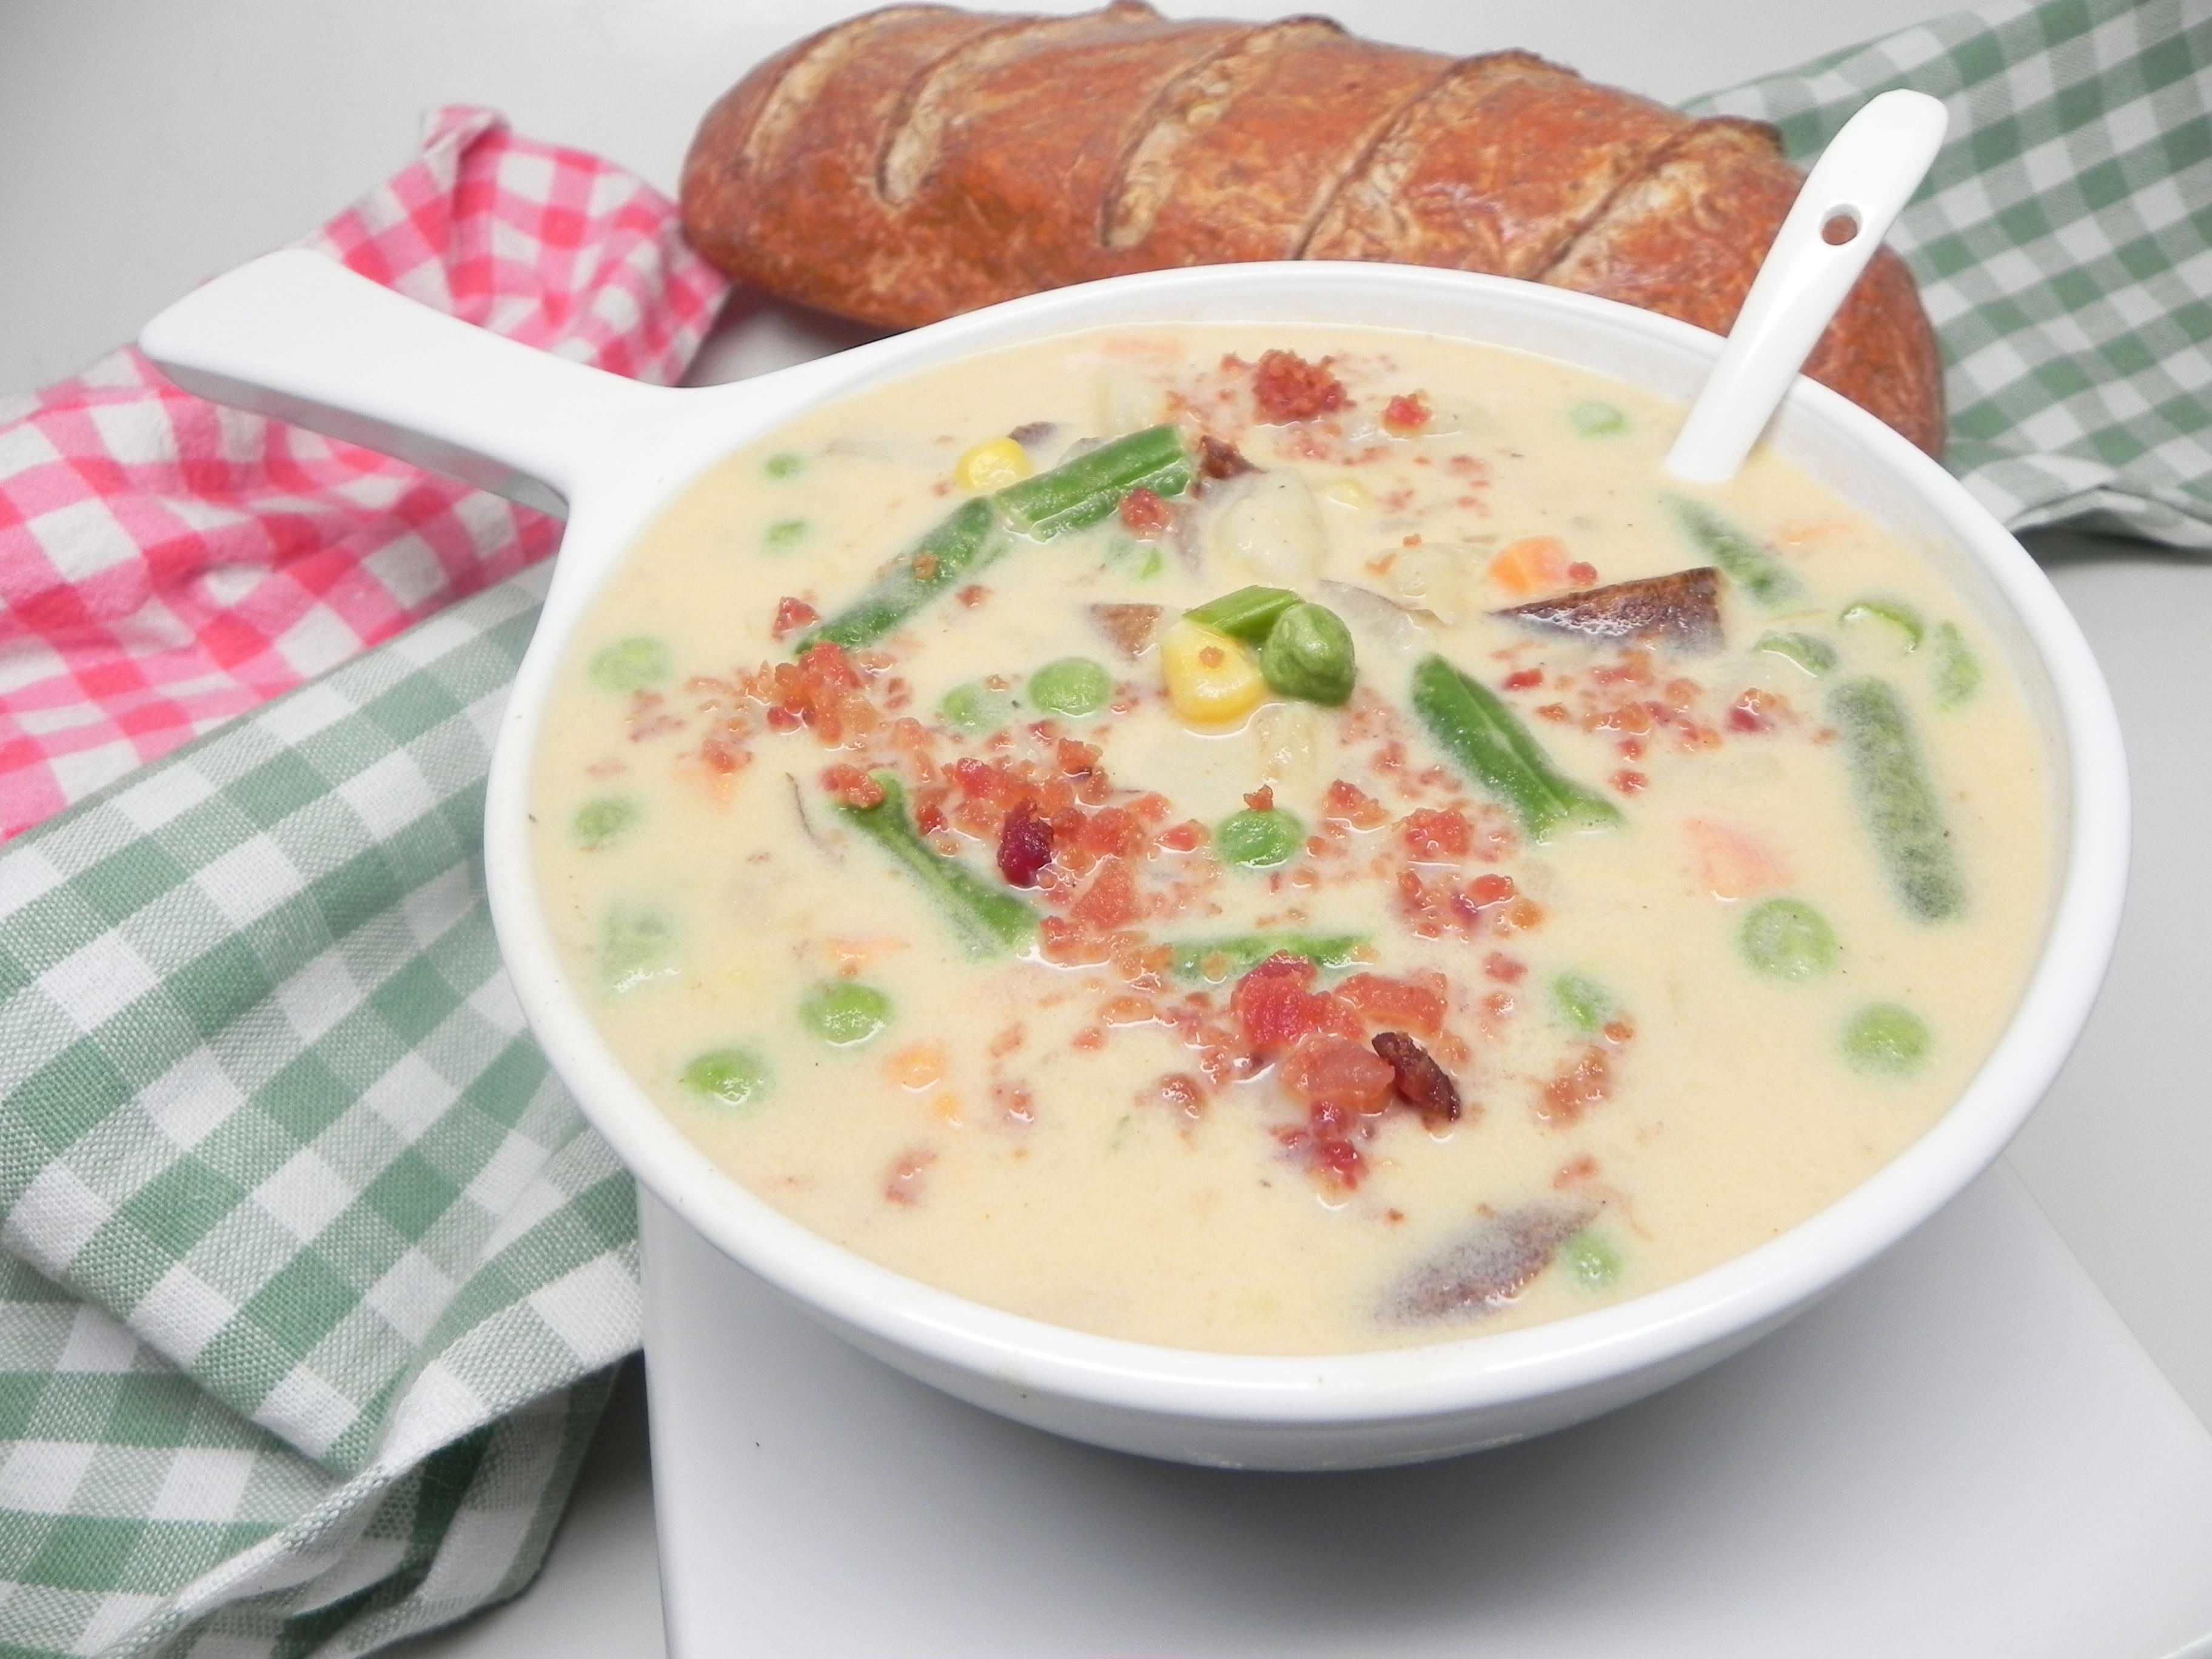 Cheesy Slow Cooker Potato Soup